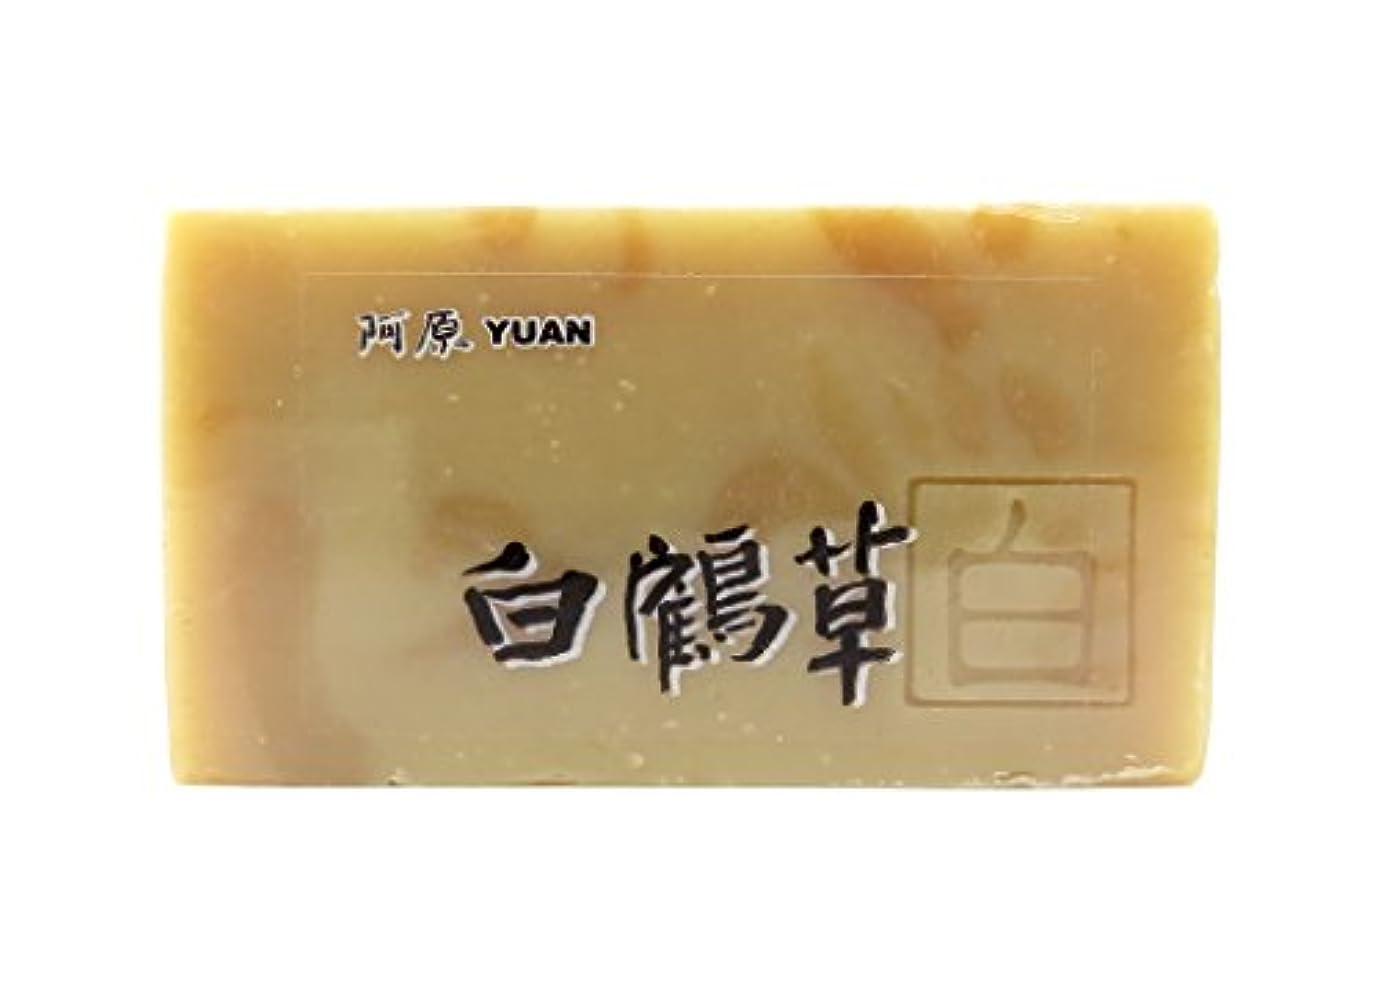 鋼ブラウス同志YUAN SOAP ユアンソープ ハッカクレイシ(白鶴草) 100g (阿原 石けん 台湾コスメ)